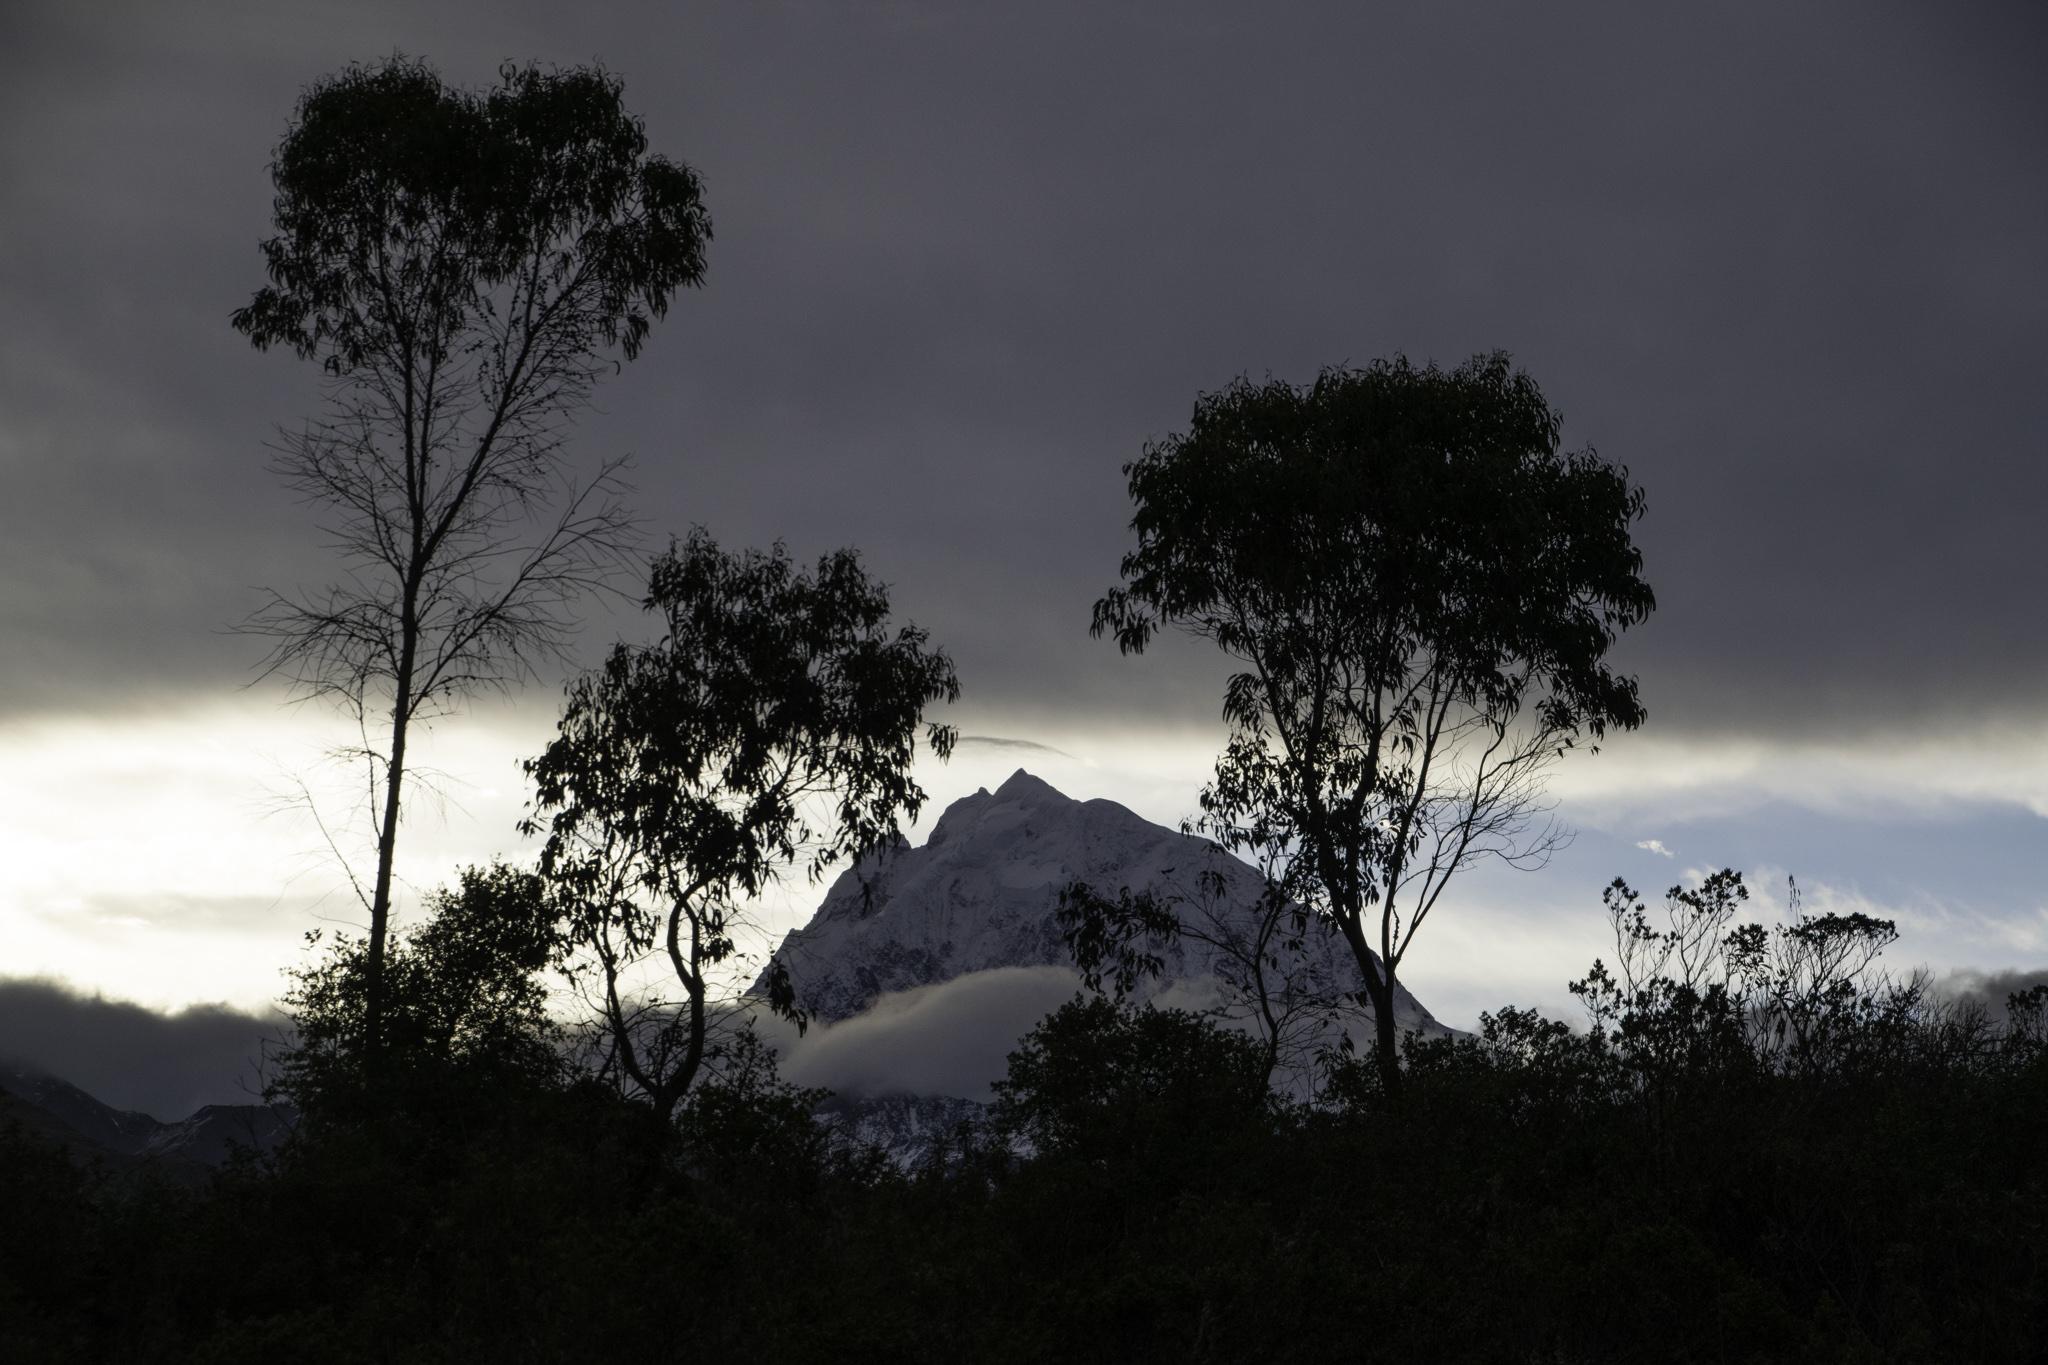 Bergspitze des Salcantay (6271 m.ü.M.)